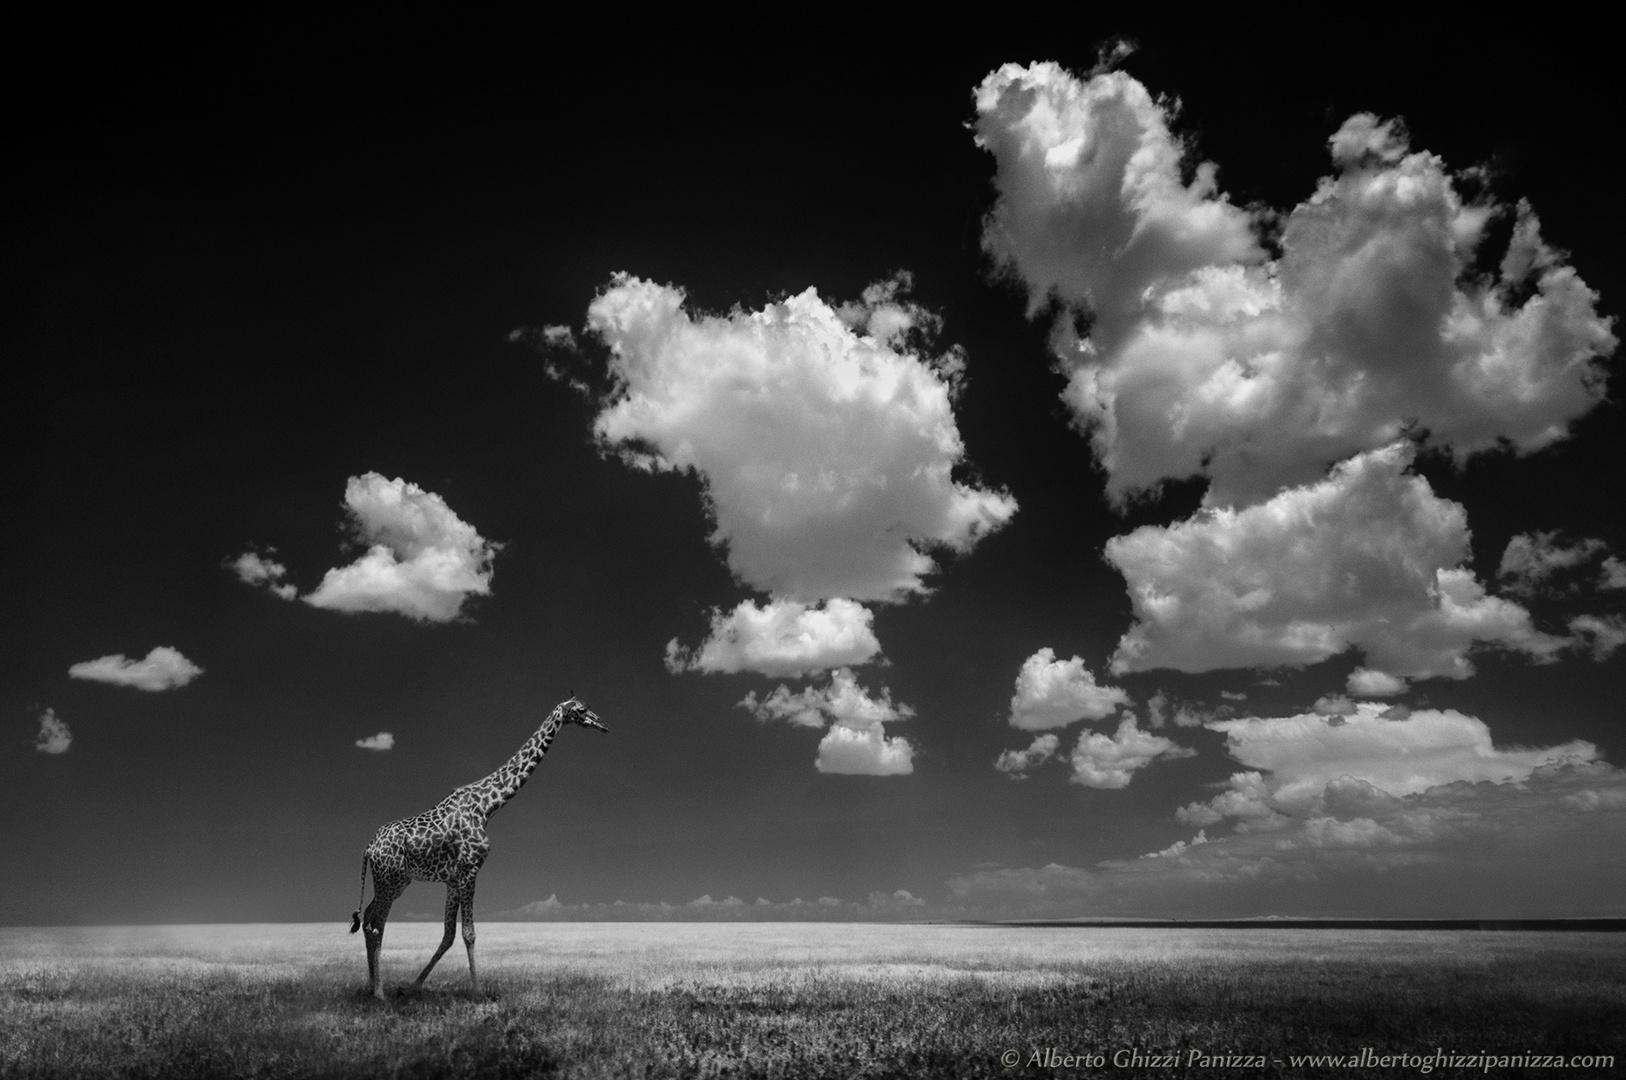 Accompagnata dalle nuvole